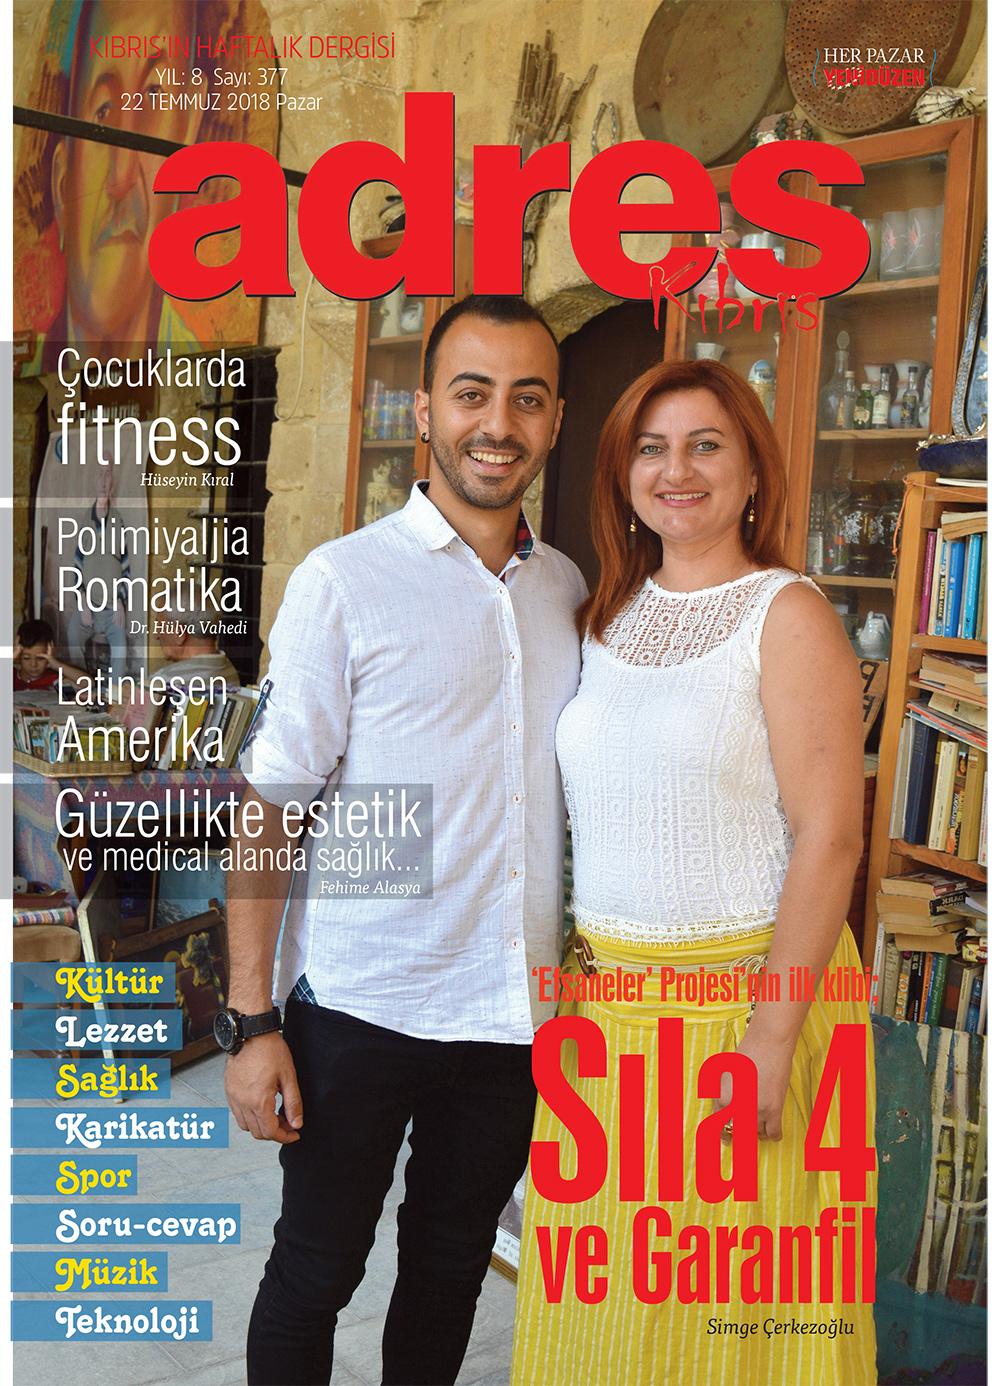 Adres Kıbrıs 377 Sayısı